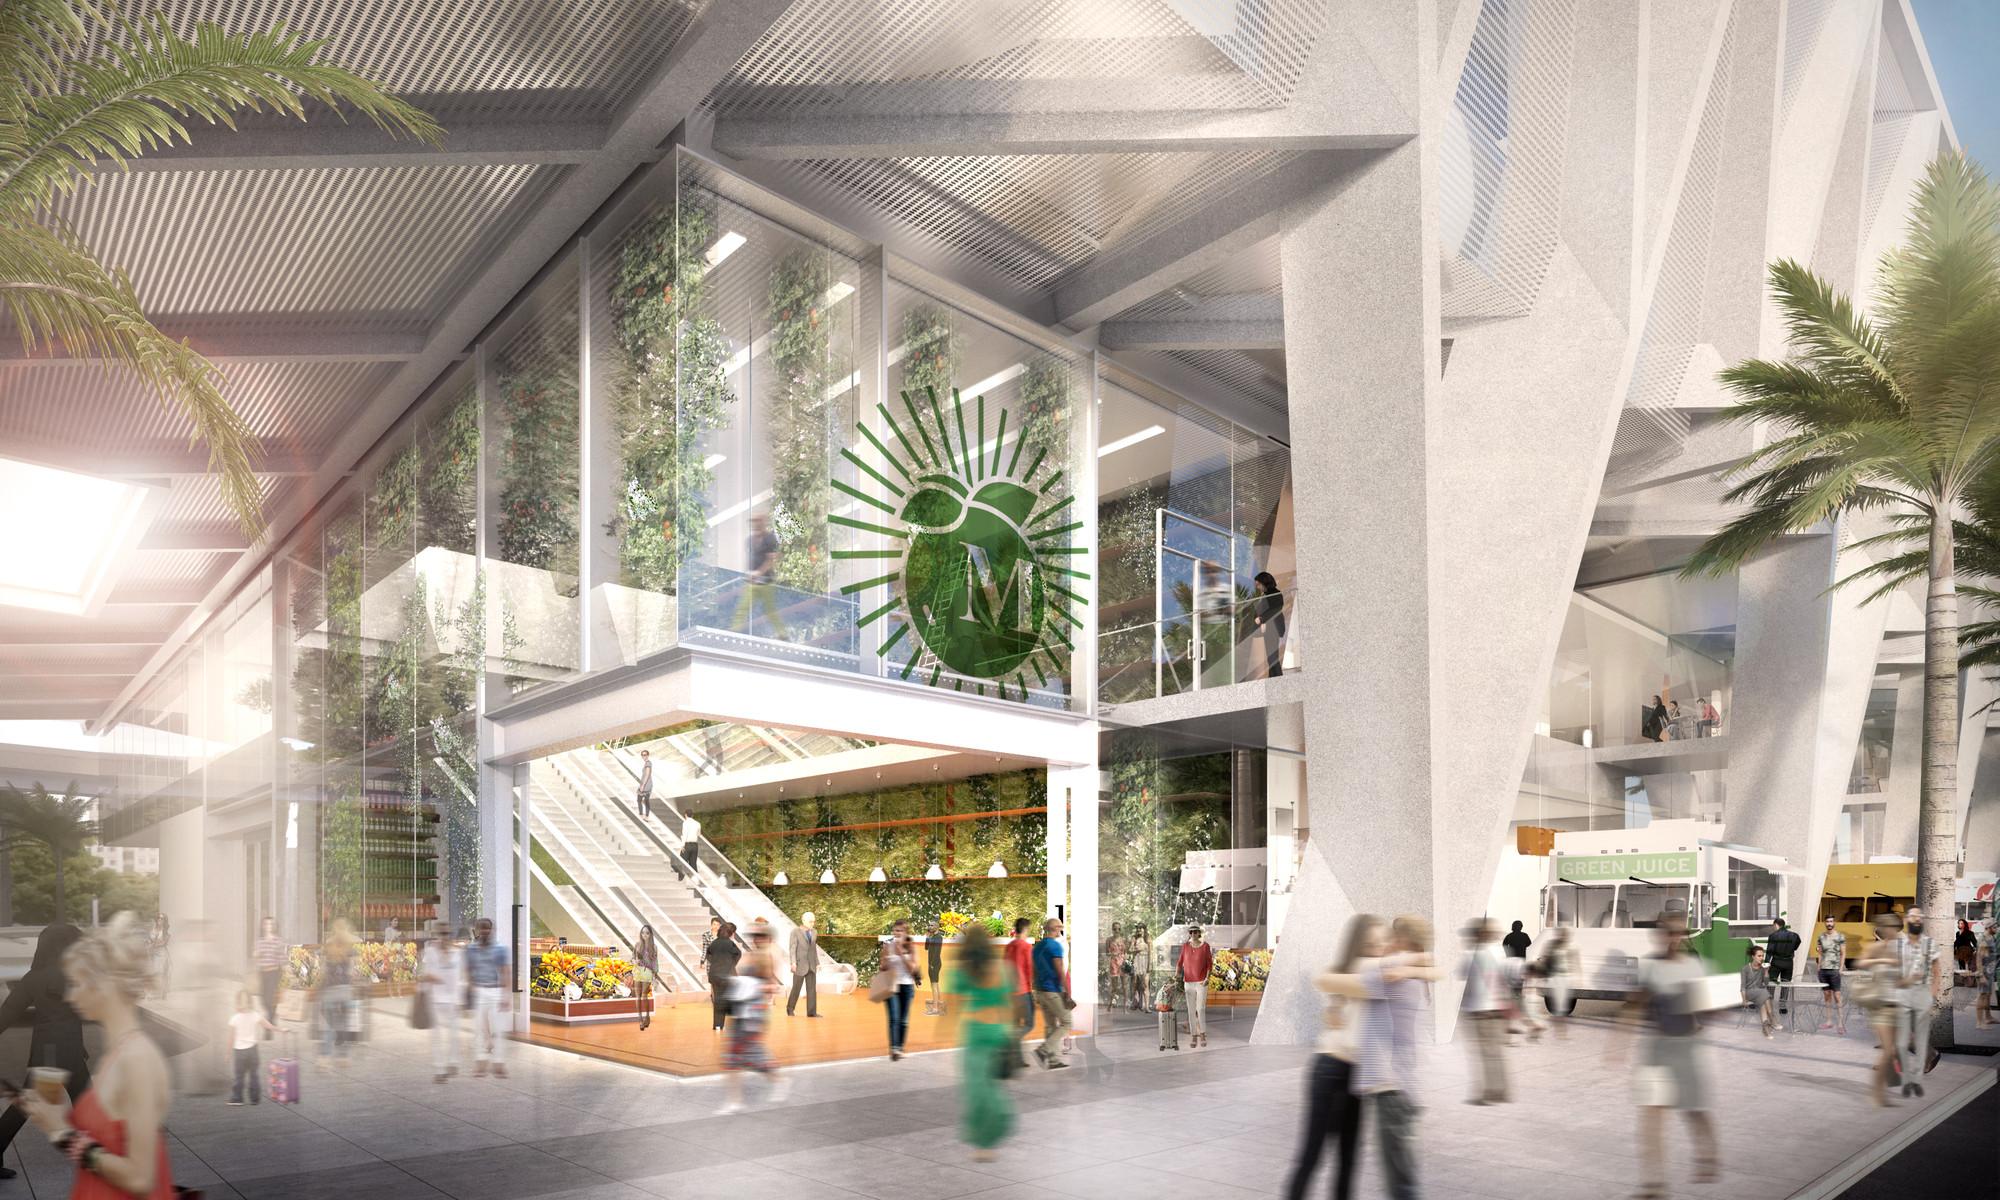 Необычный экстерьер железнодорожного вокзала в белом цвете - Фото 6